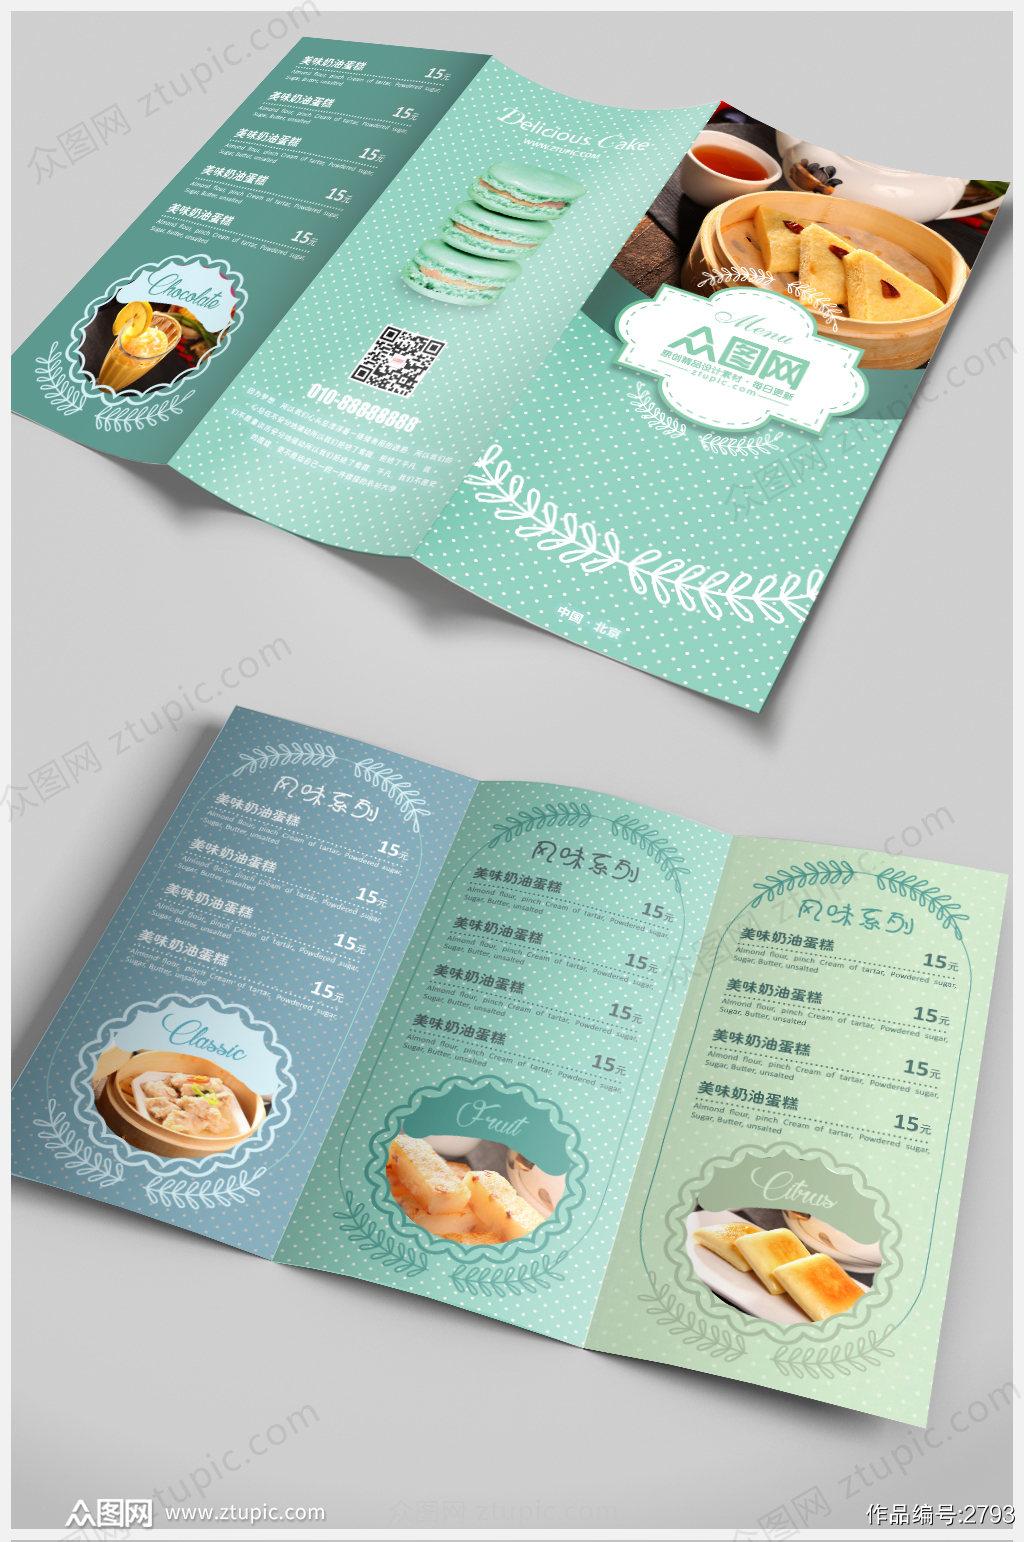 高端甜品蛋糕咖啡厅点菜单美食三折页素材